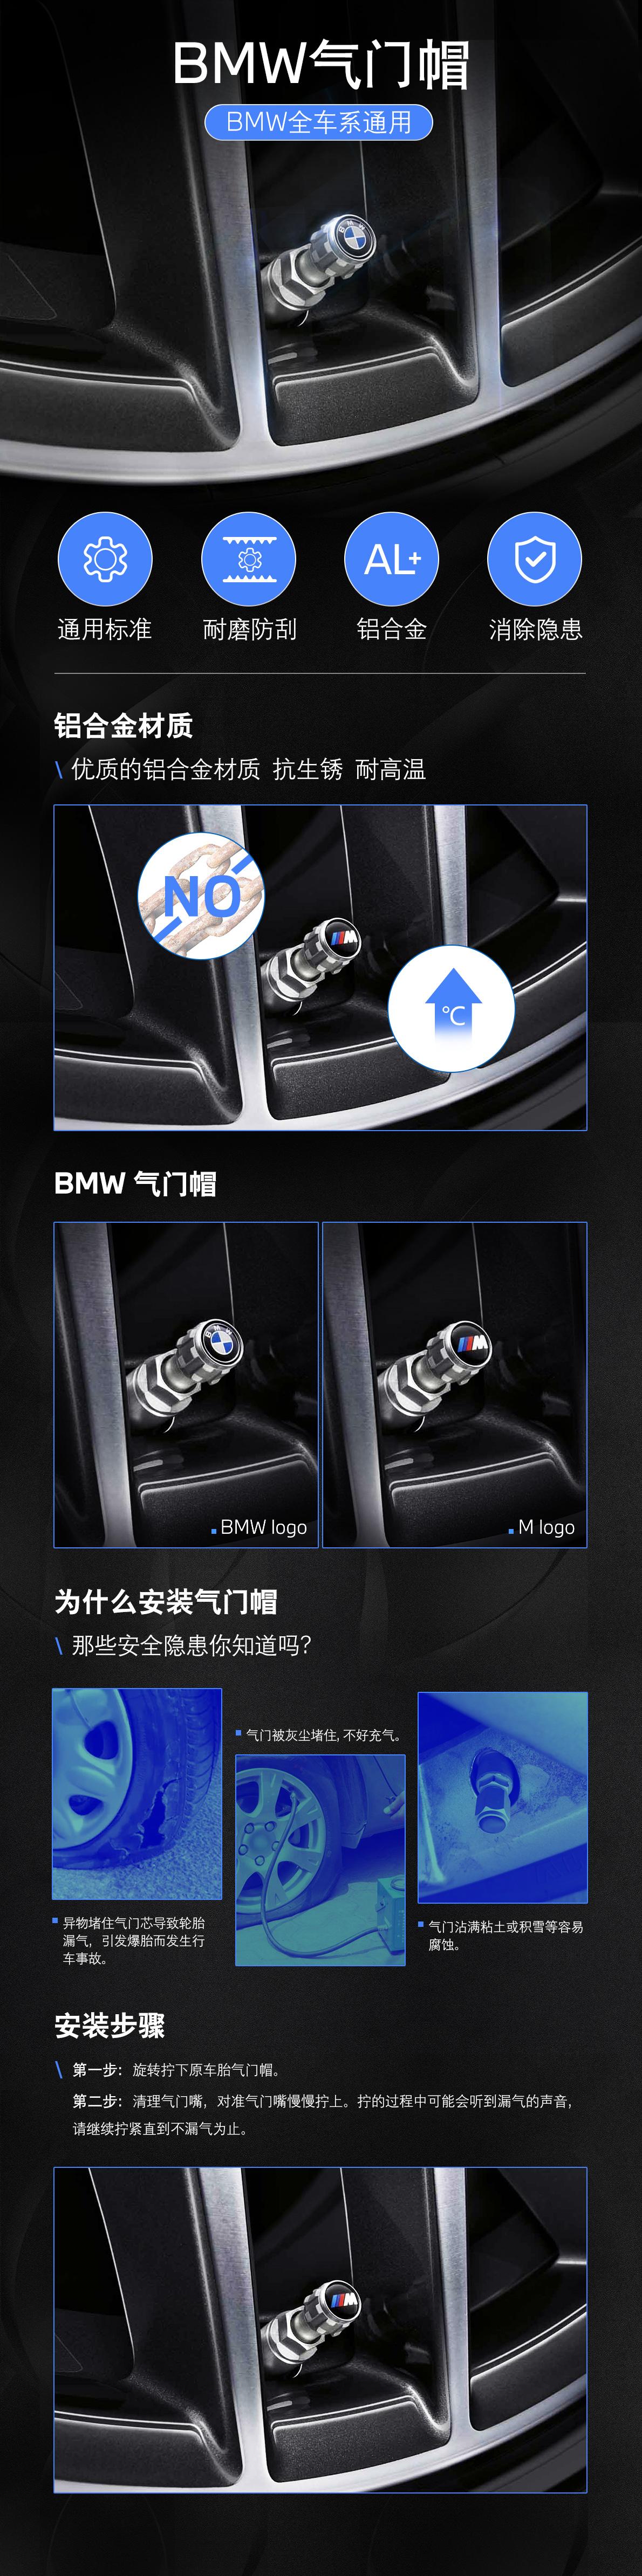 【限时购】BMW 气门帽